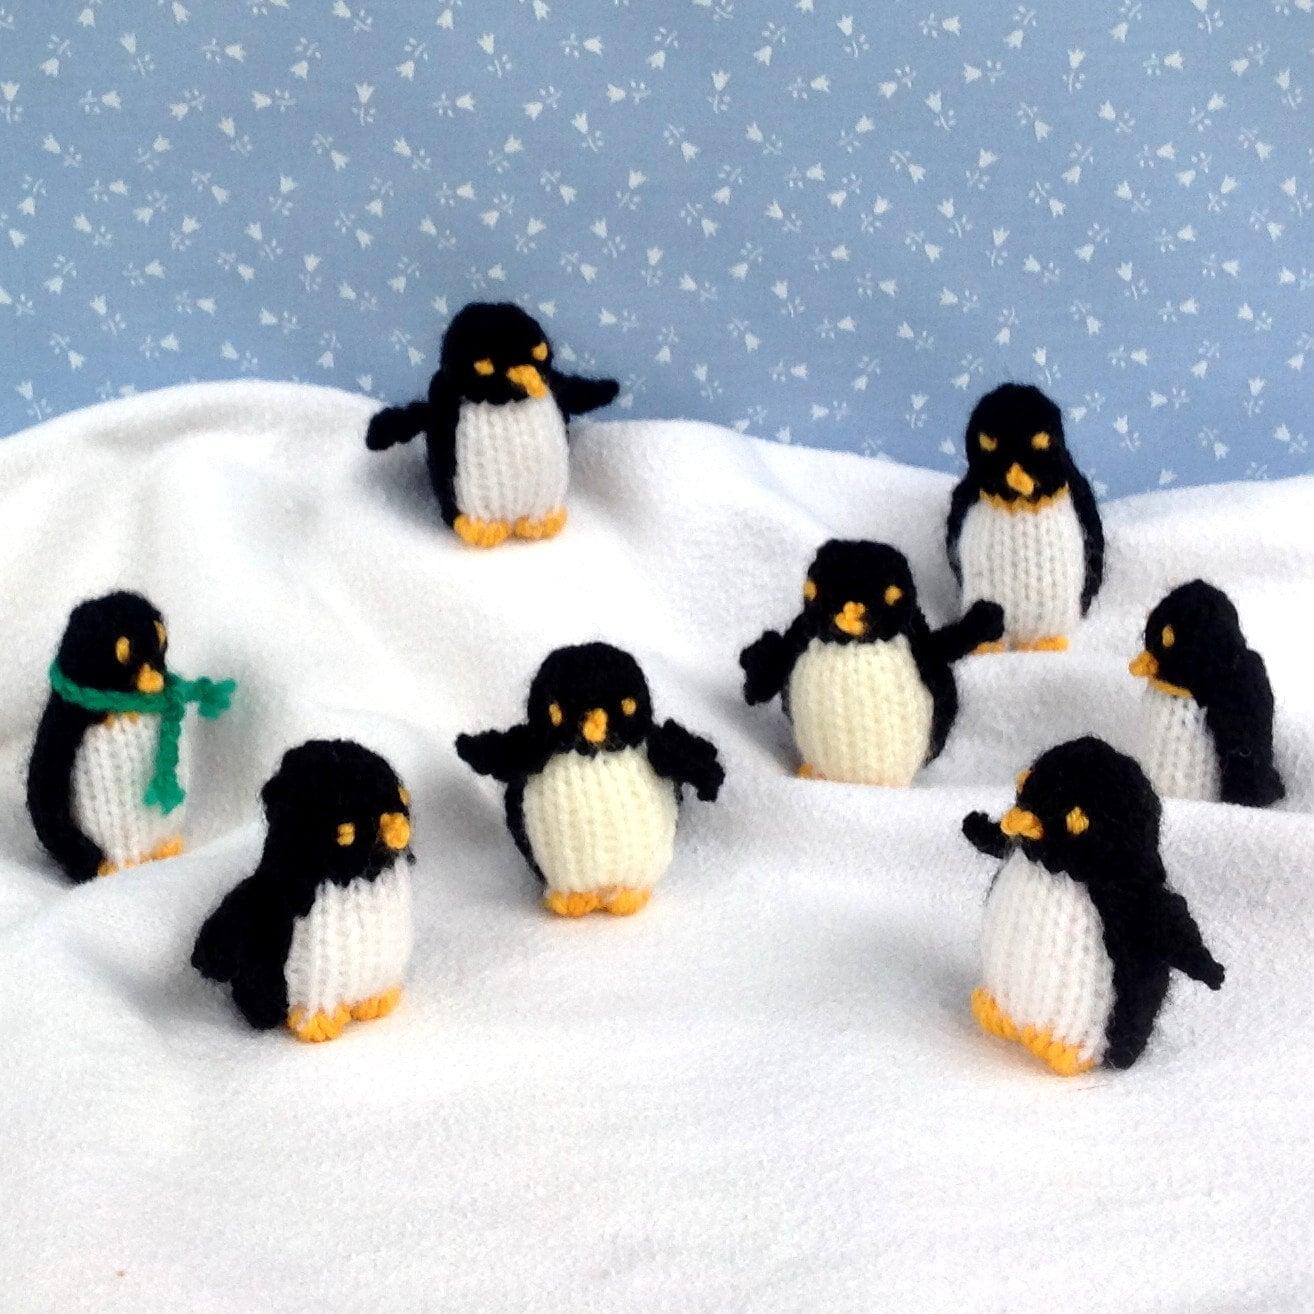 TINY PENGUINS - knitted penguin knitting pattern - Instant Digital ...